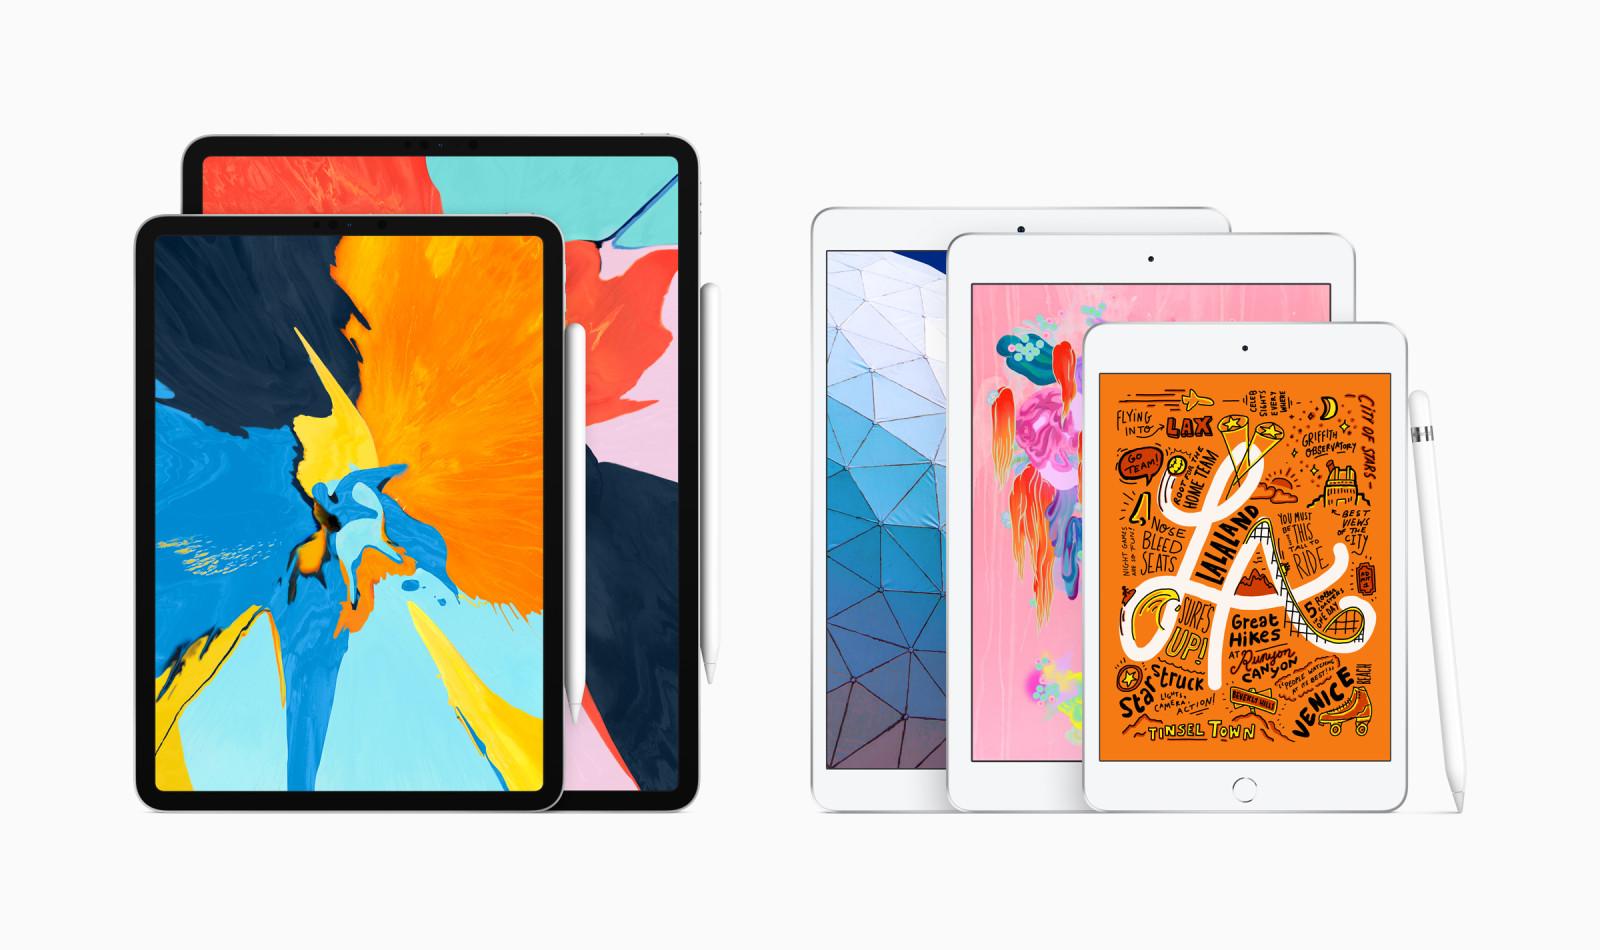 Mi Pad 4 od Xiaomi nyní získáte se slevou a v kombinaci LTE + Wi-Fi [sponzorovaný článek]